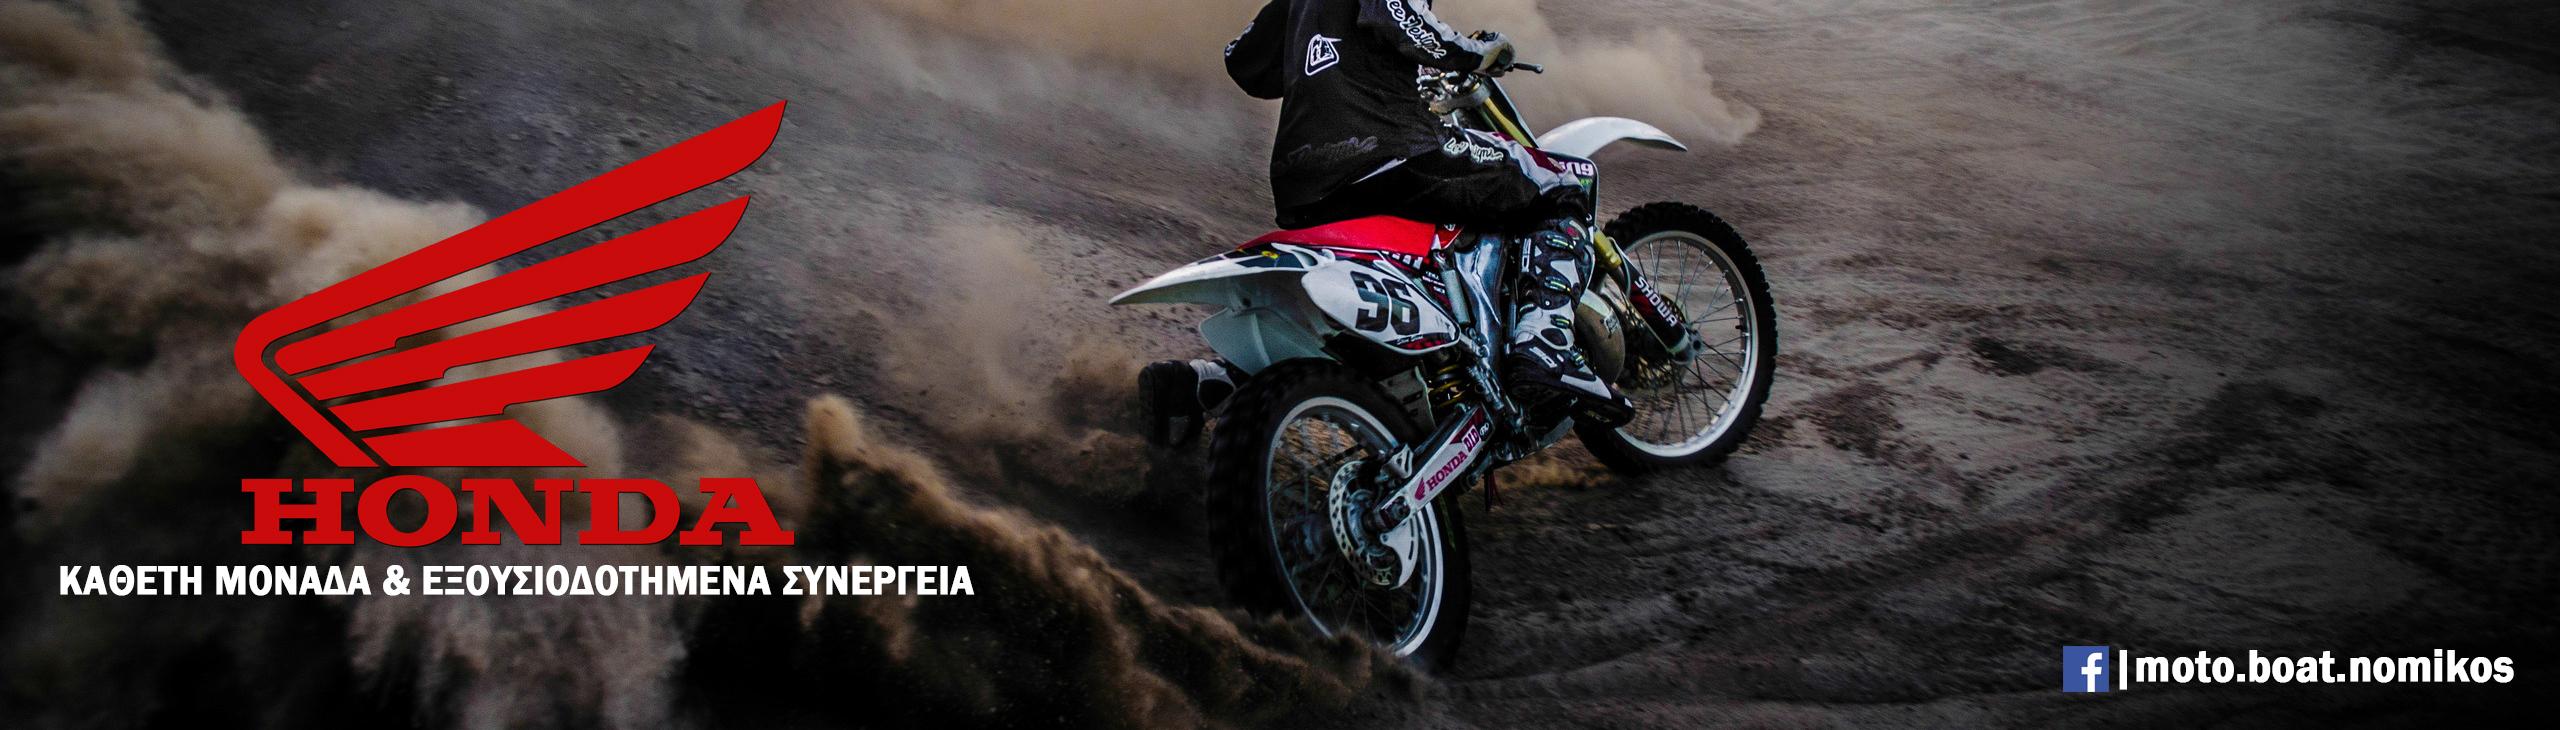 Κάθετη μονάδα - Αντιπροσωπεία - Συνεργεία Honda ΜΟΤΟΝΟΜΙΚΟΣ - MOTO NOMIKOS